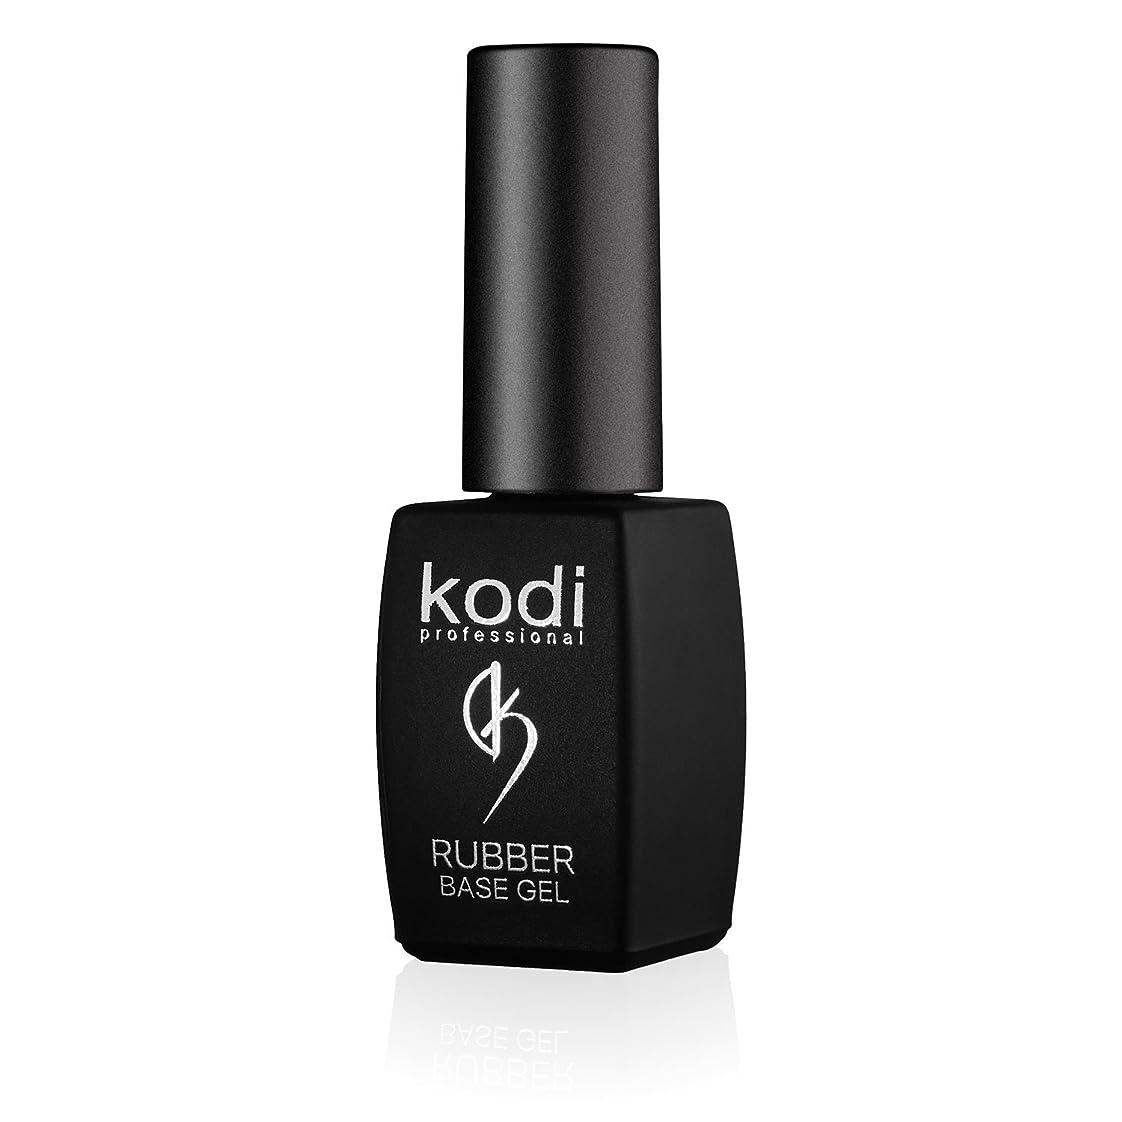 無線血まみれ気づくProfessional Rubber Base Gel By Kodi   8ml 0.27 oz   Soak Off, Polish Fingernails Coat Gel   For Long Lasting Nails Layer   Easy To Use, Non-Toxic & Scentless   Cure Under LED Or UV Lamp